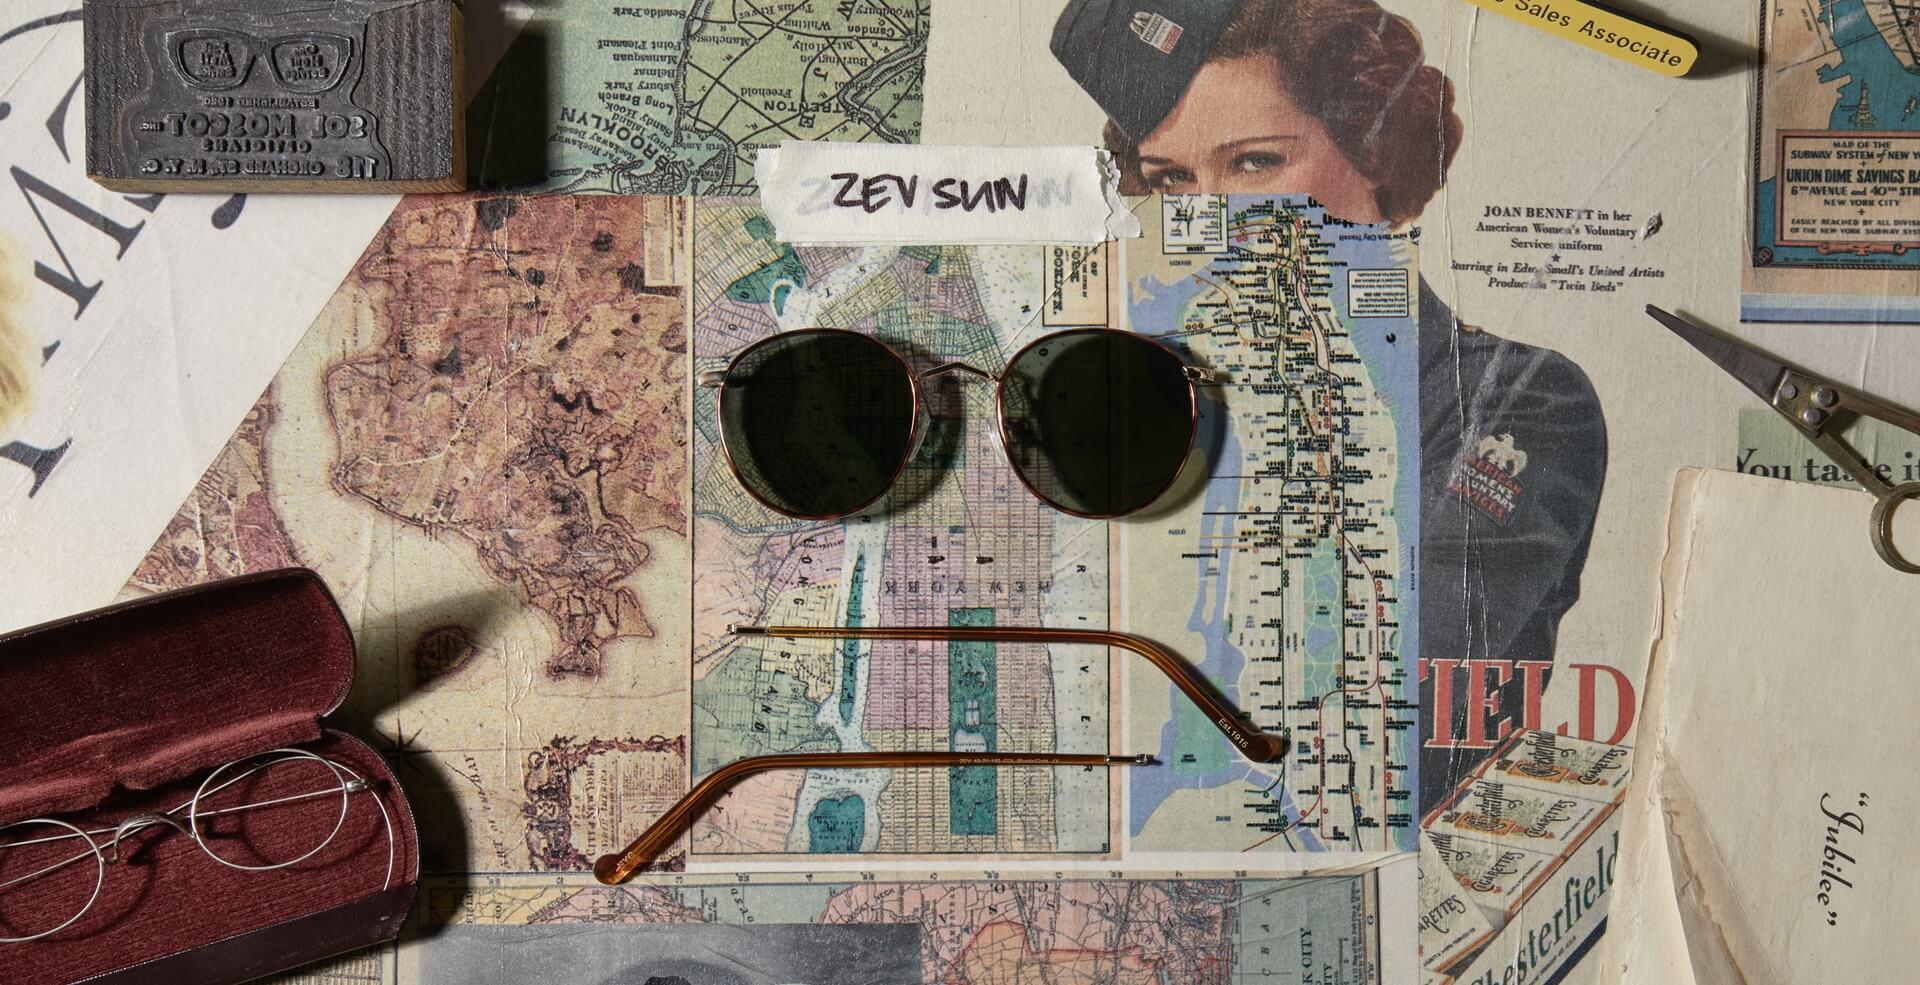 ZEV SUN